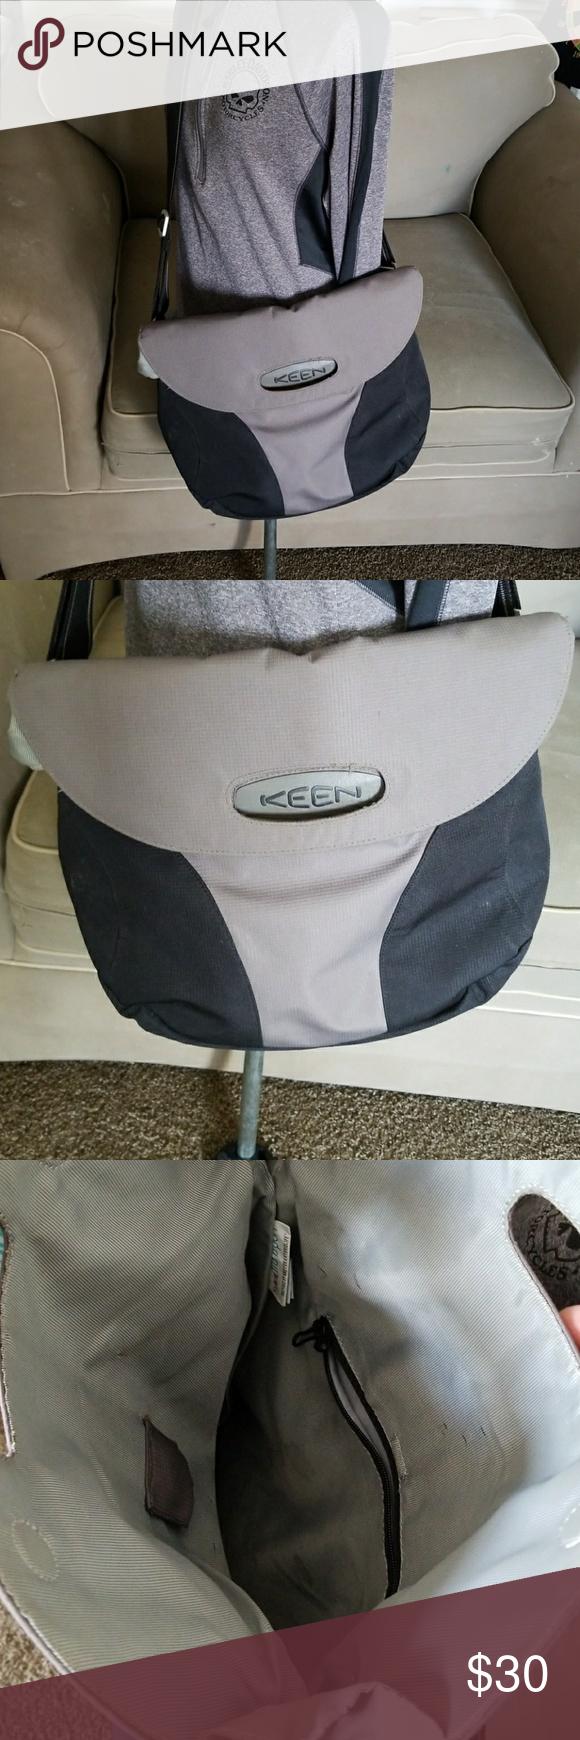 b2b5af9b288 Keen hybrid transport bag Pre-owned large KEEN Hybrid Transport Expandable Shoulder  Bag Style: